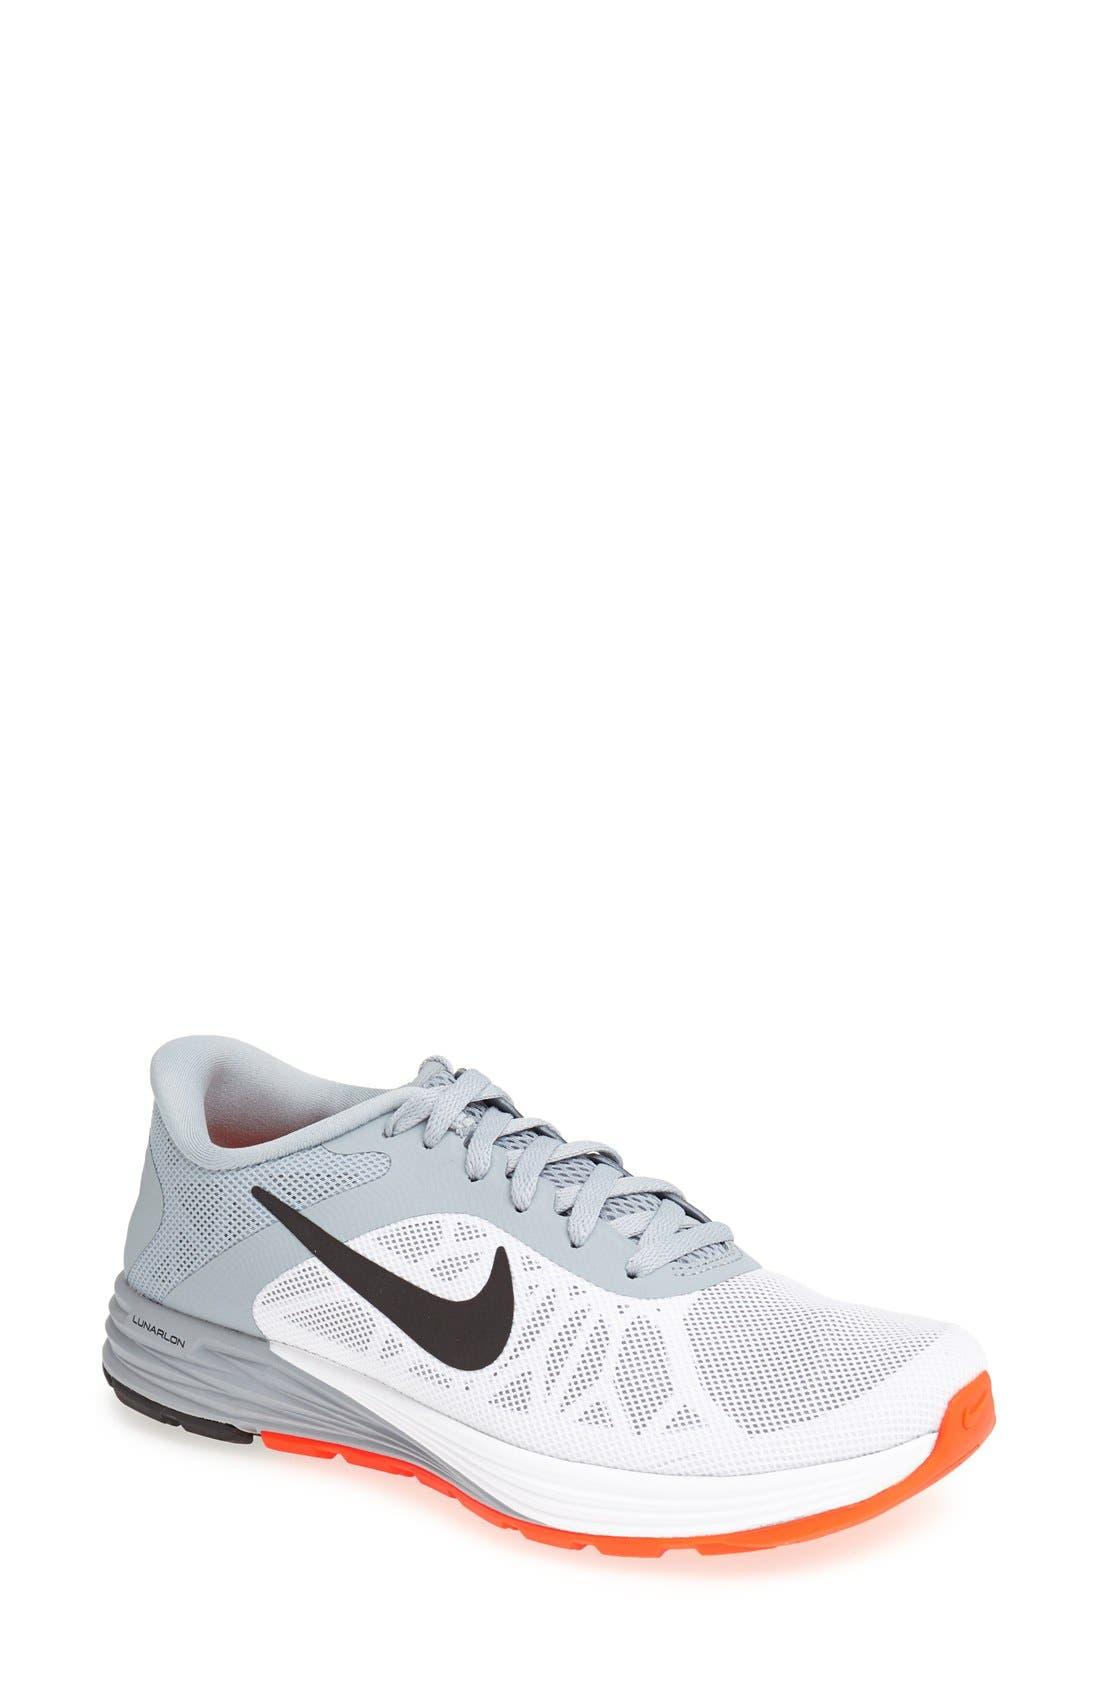 'LunarLaunch' Running Shoe, Main, color, 101